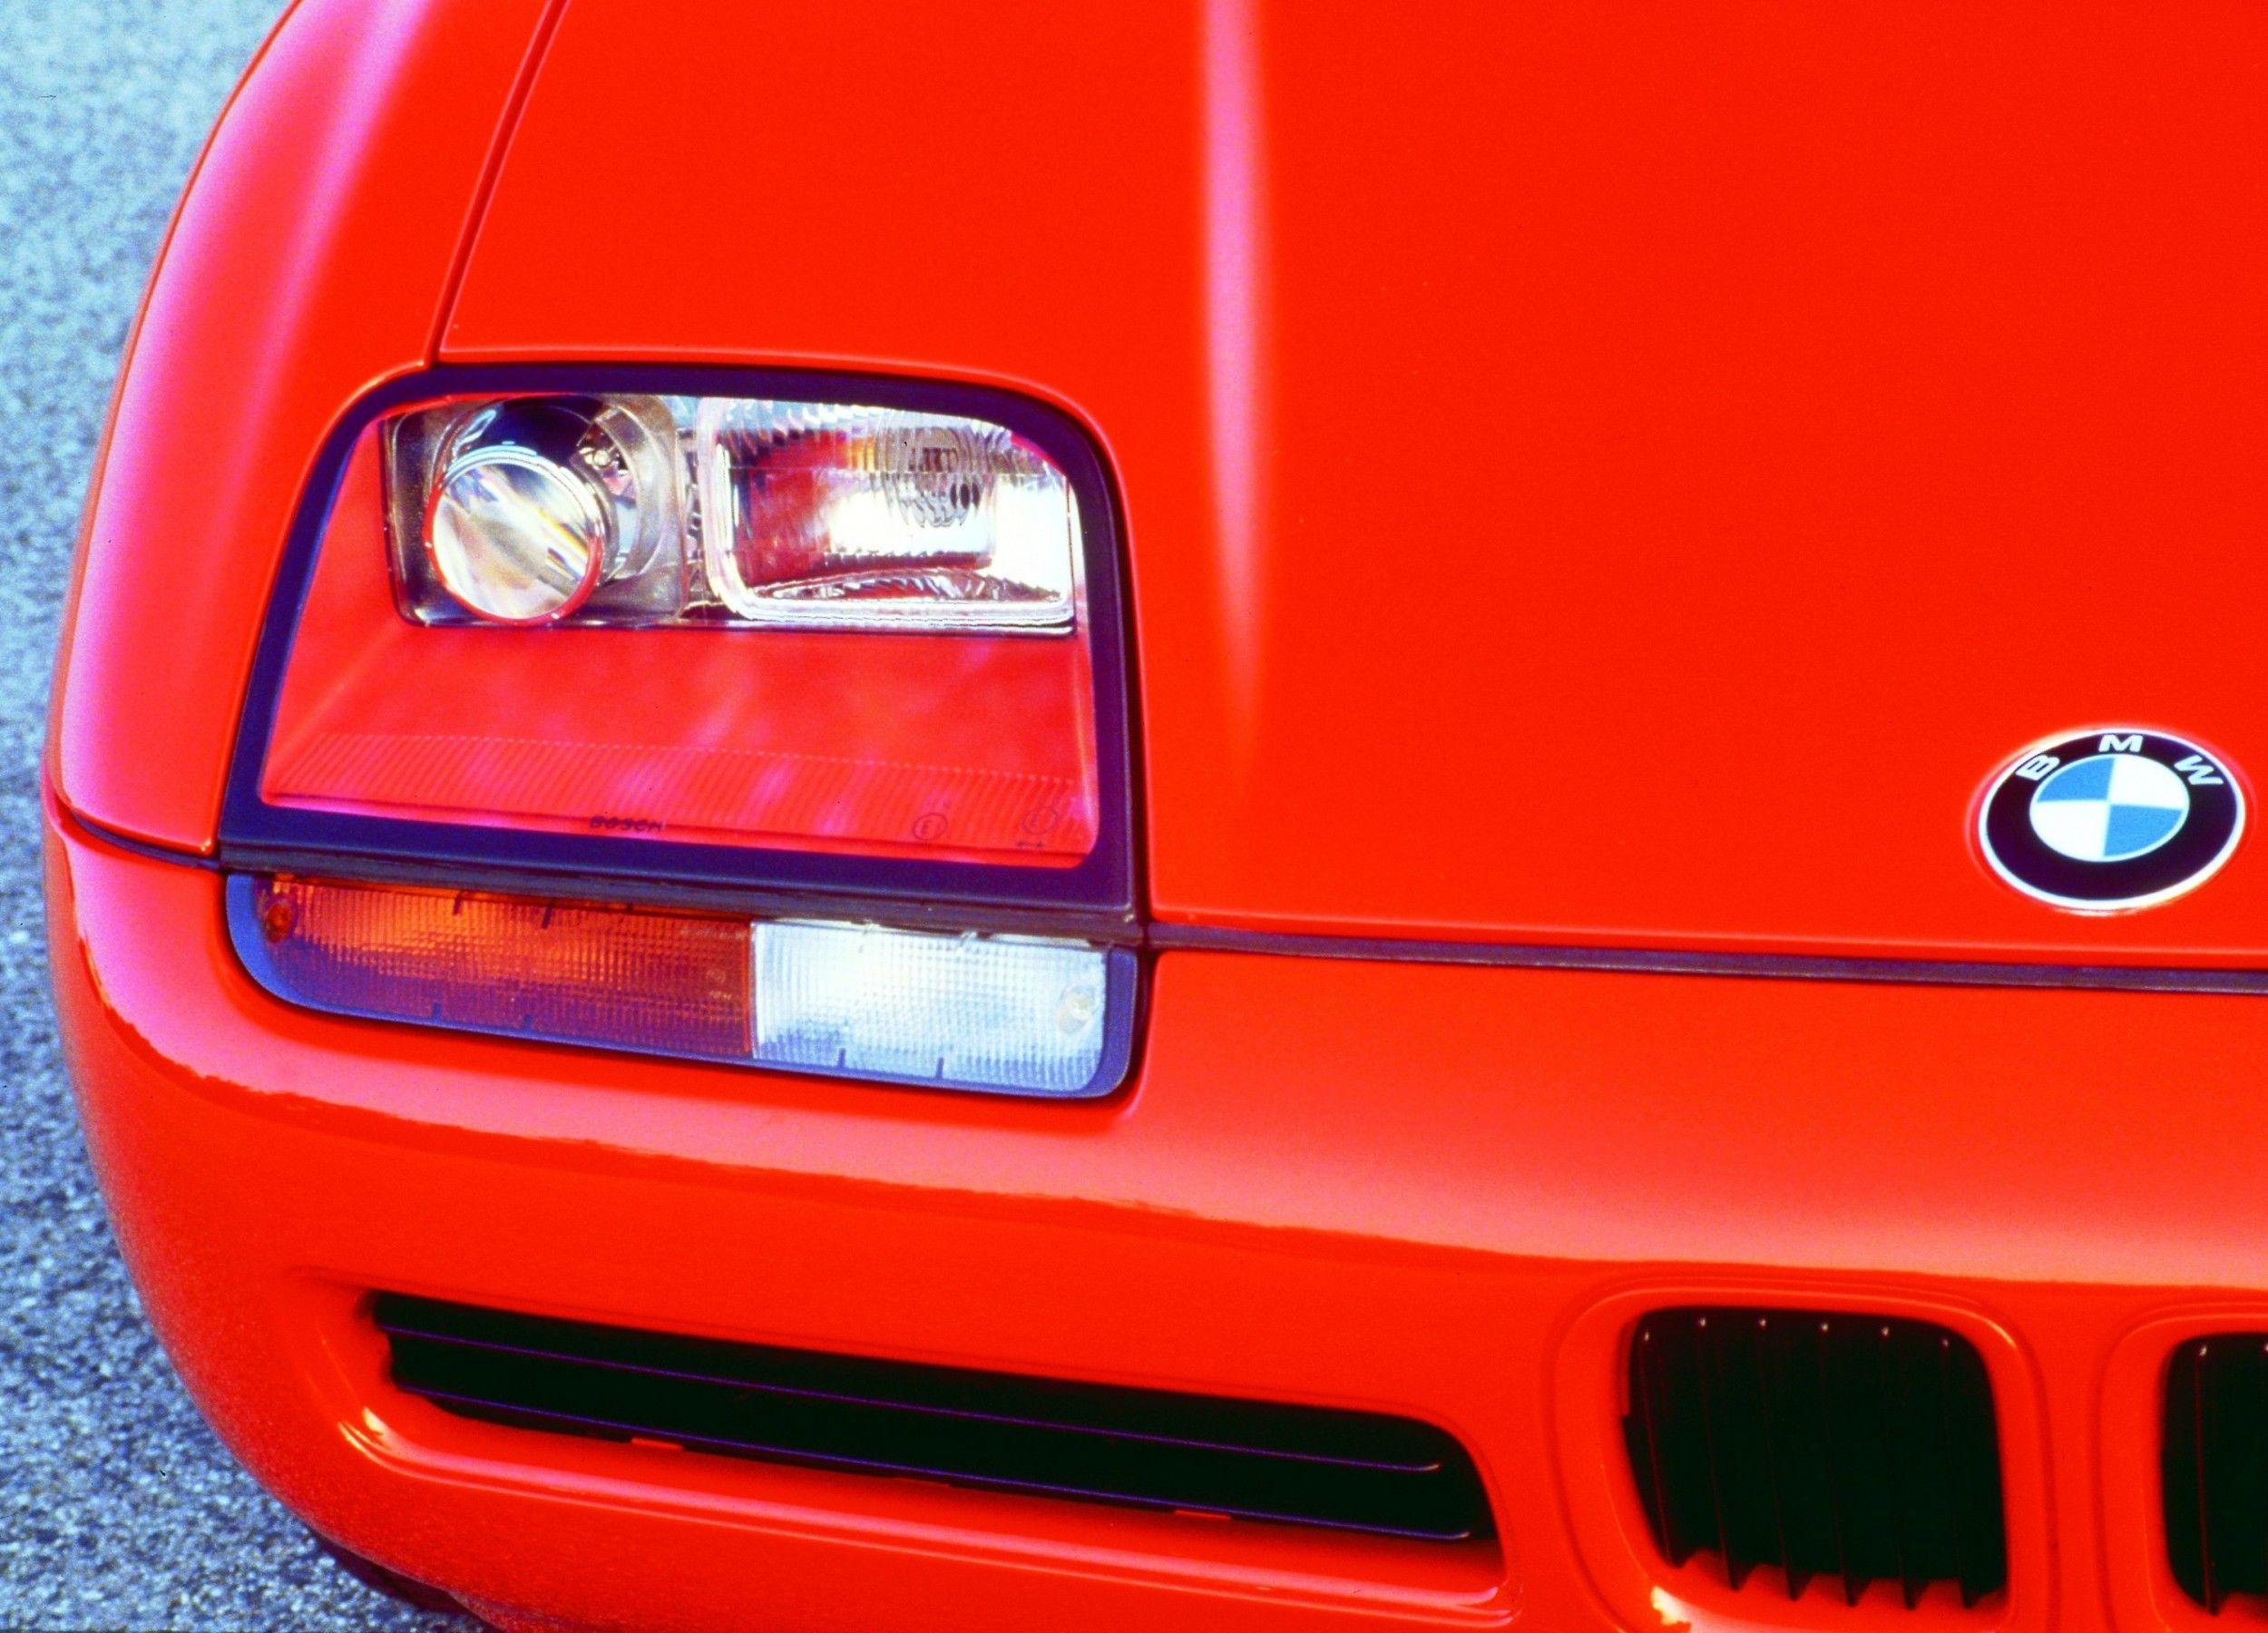 chevrolet cab tire a forum silverado wheels chevy gmc spartanburg suspension crew